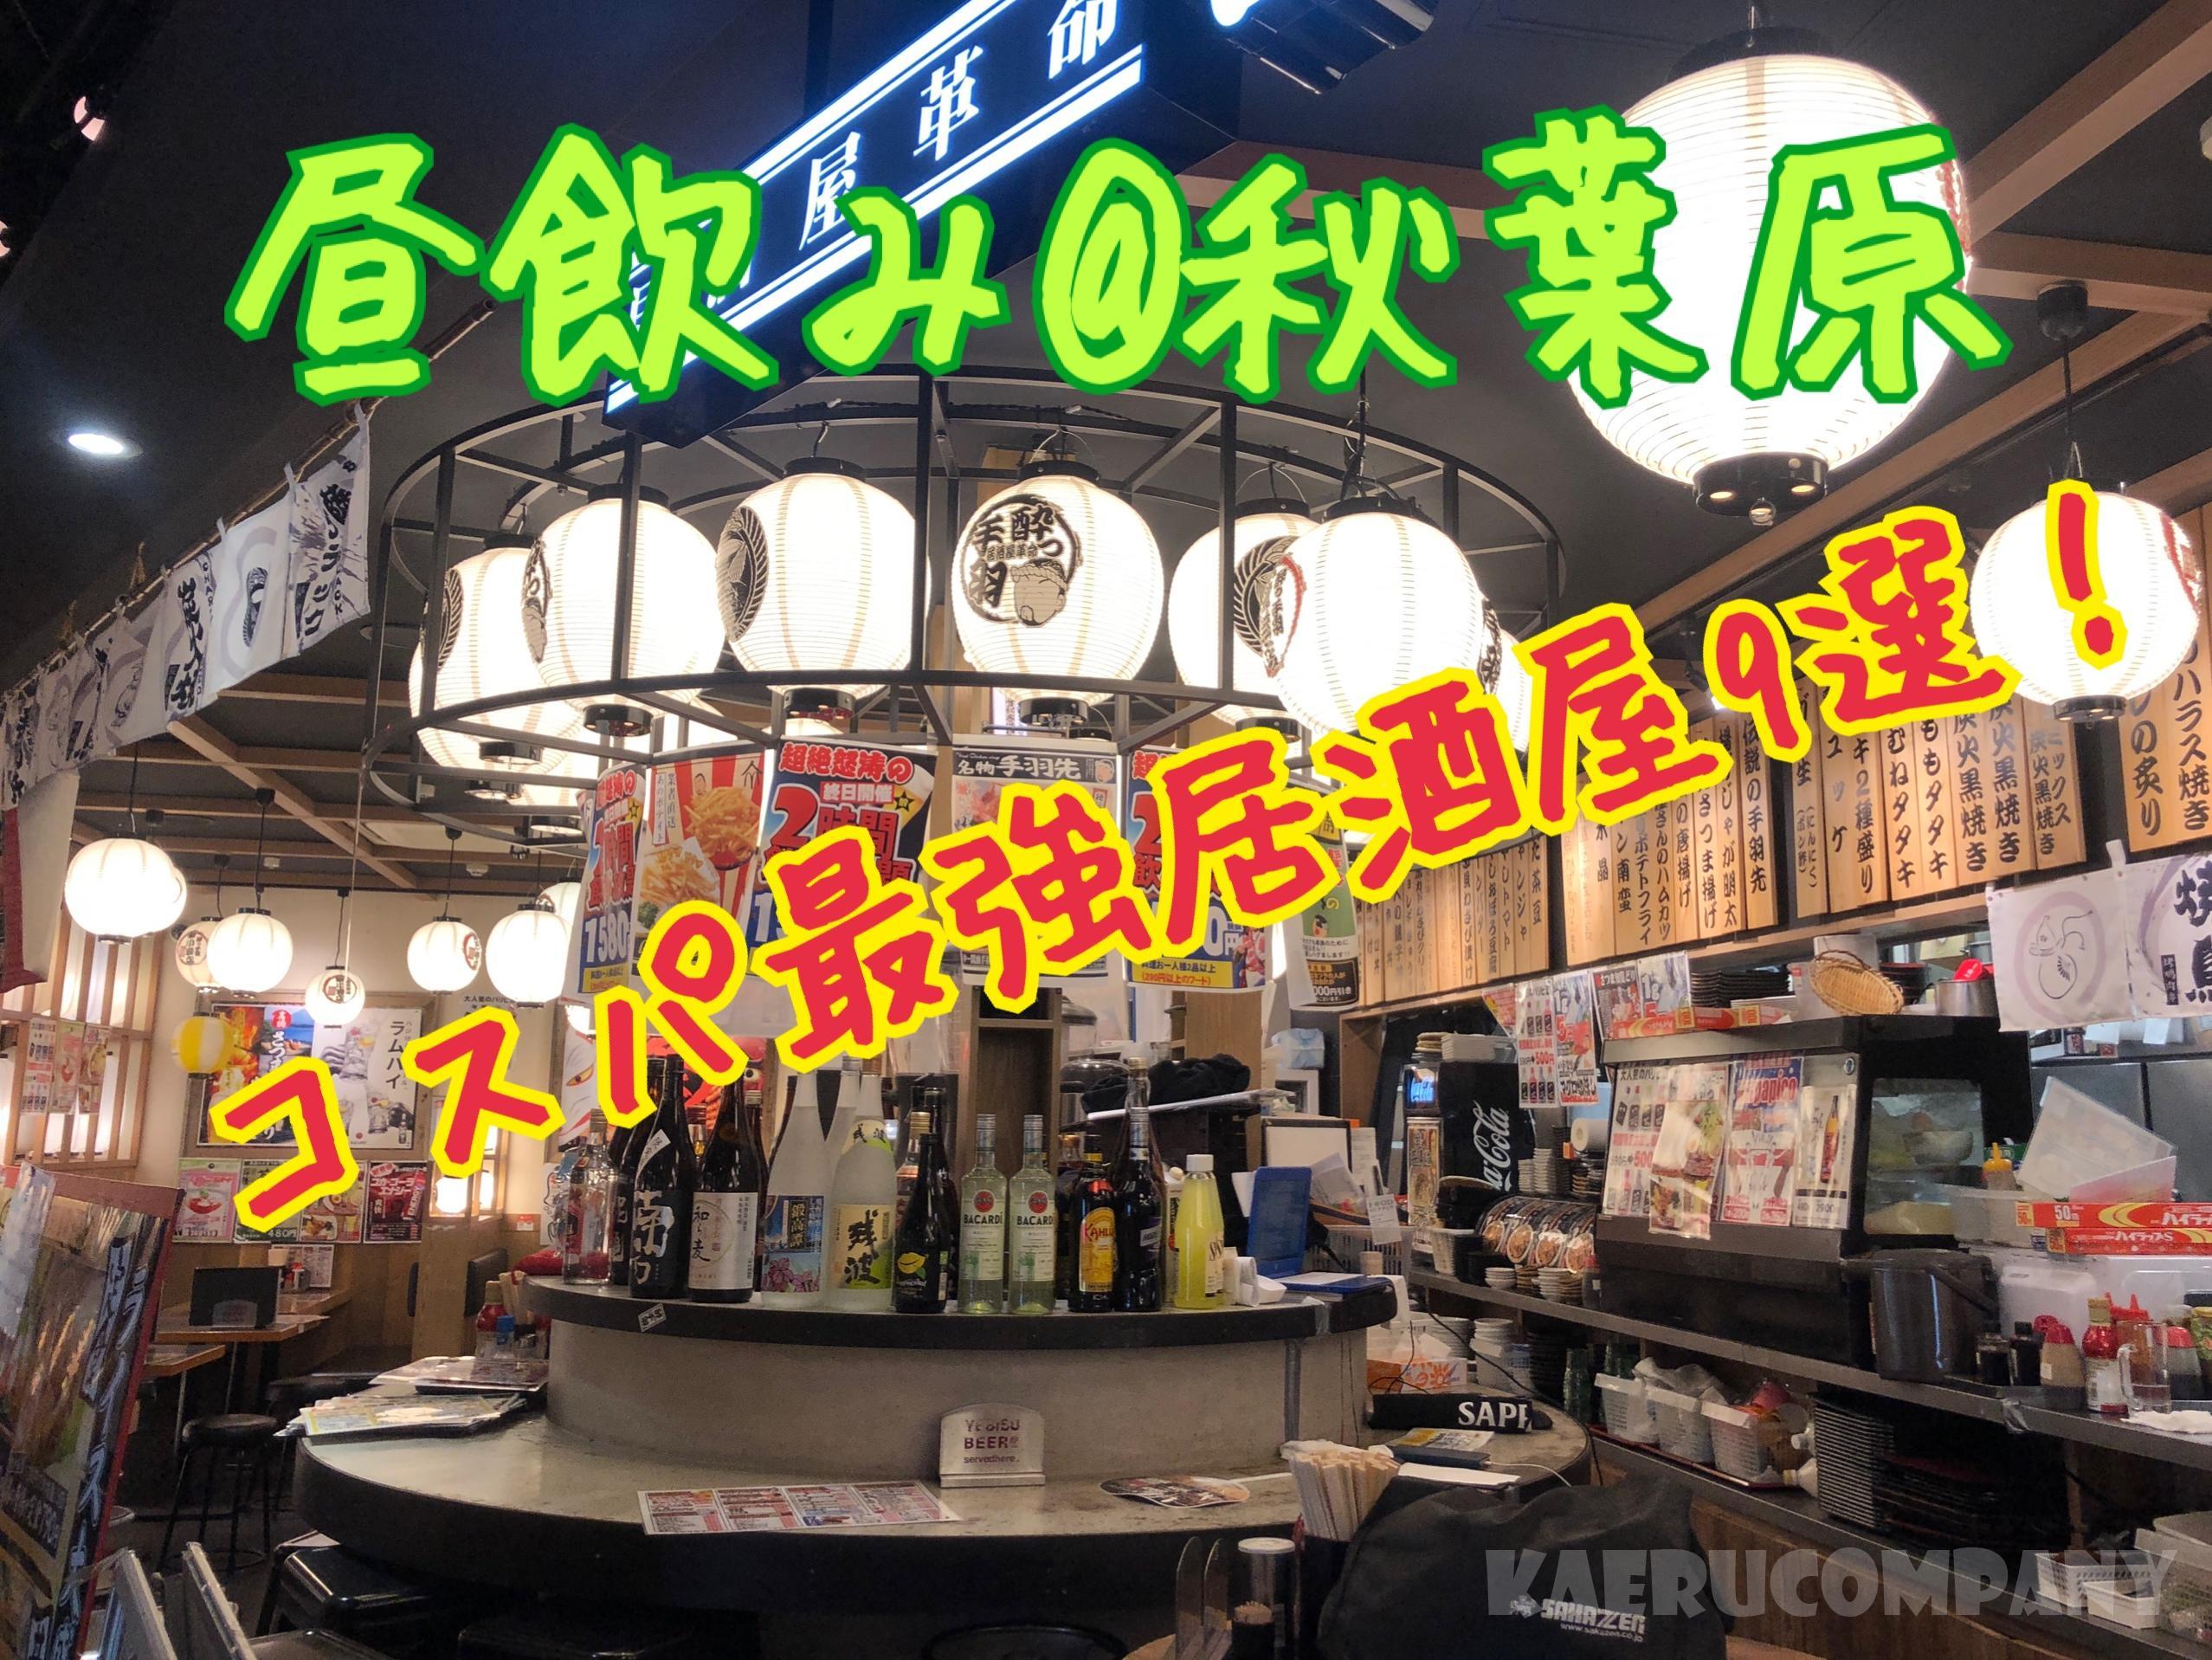 秋葉原昼飲みで一番安い店はここ!コスパ徹底比較2019